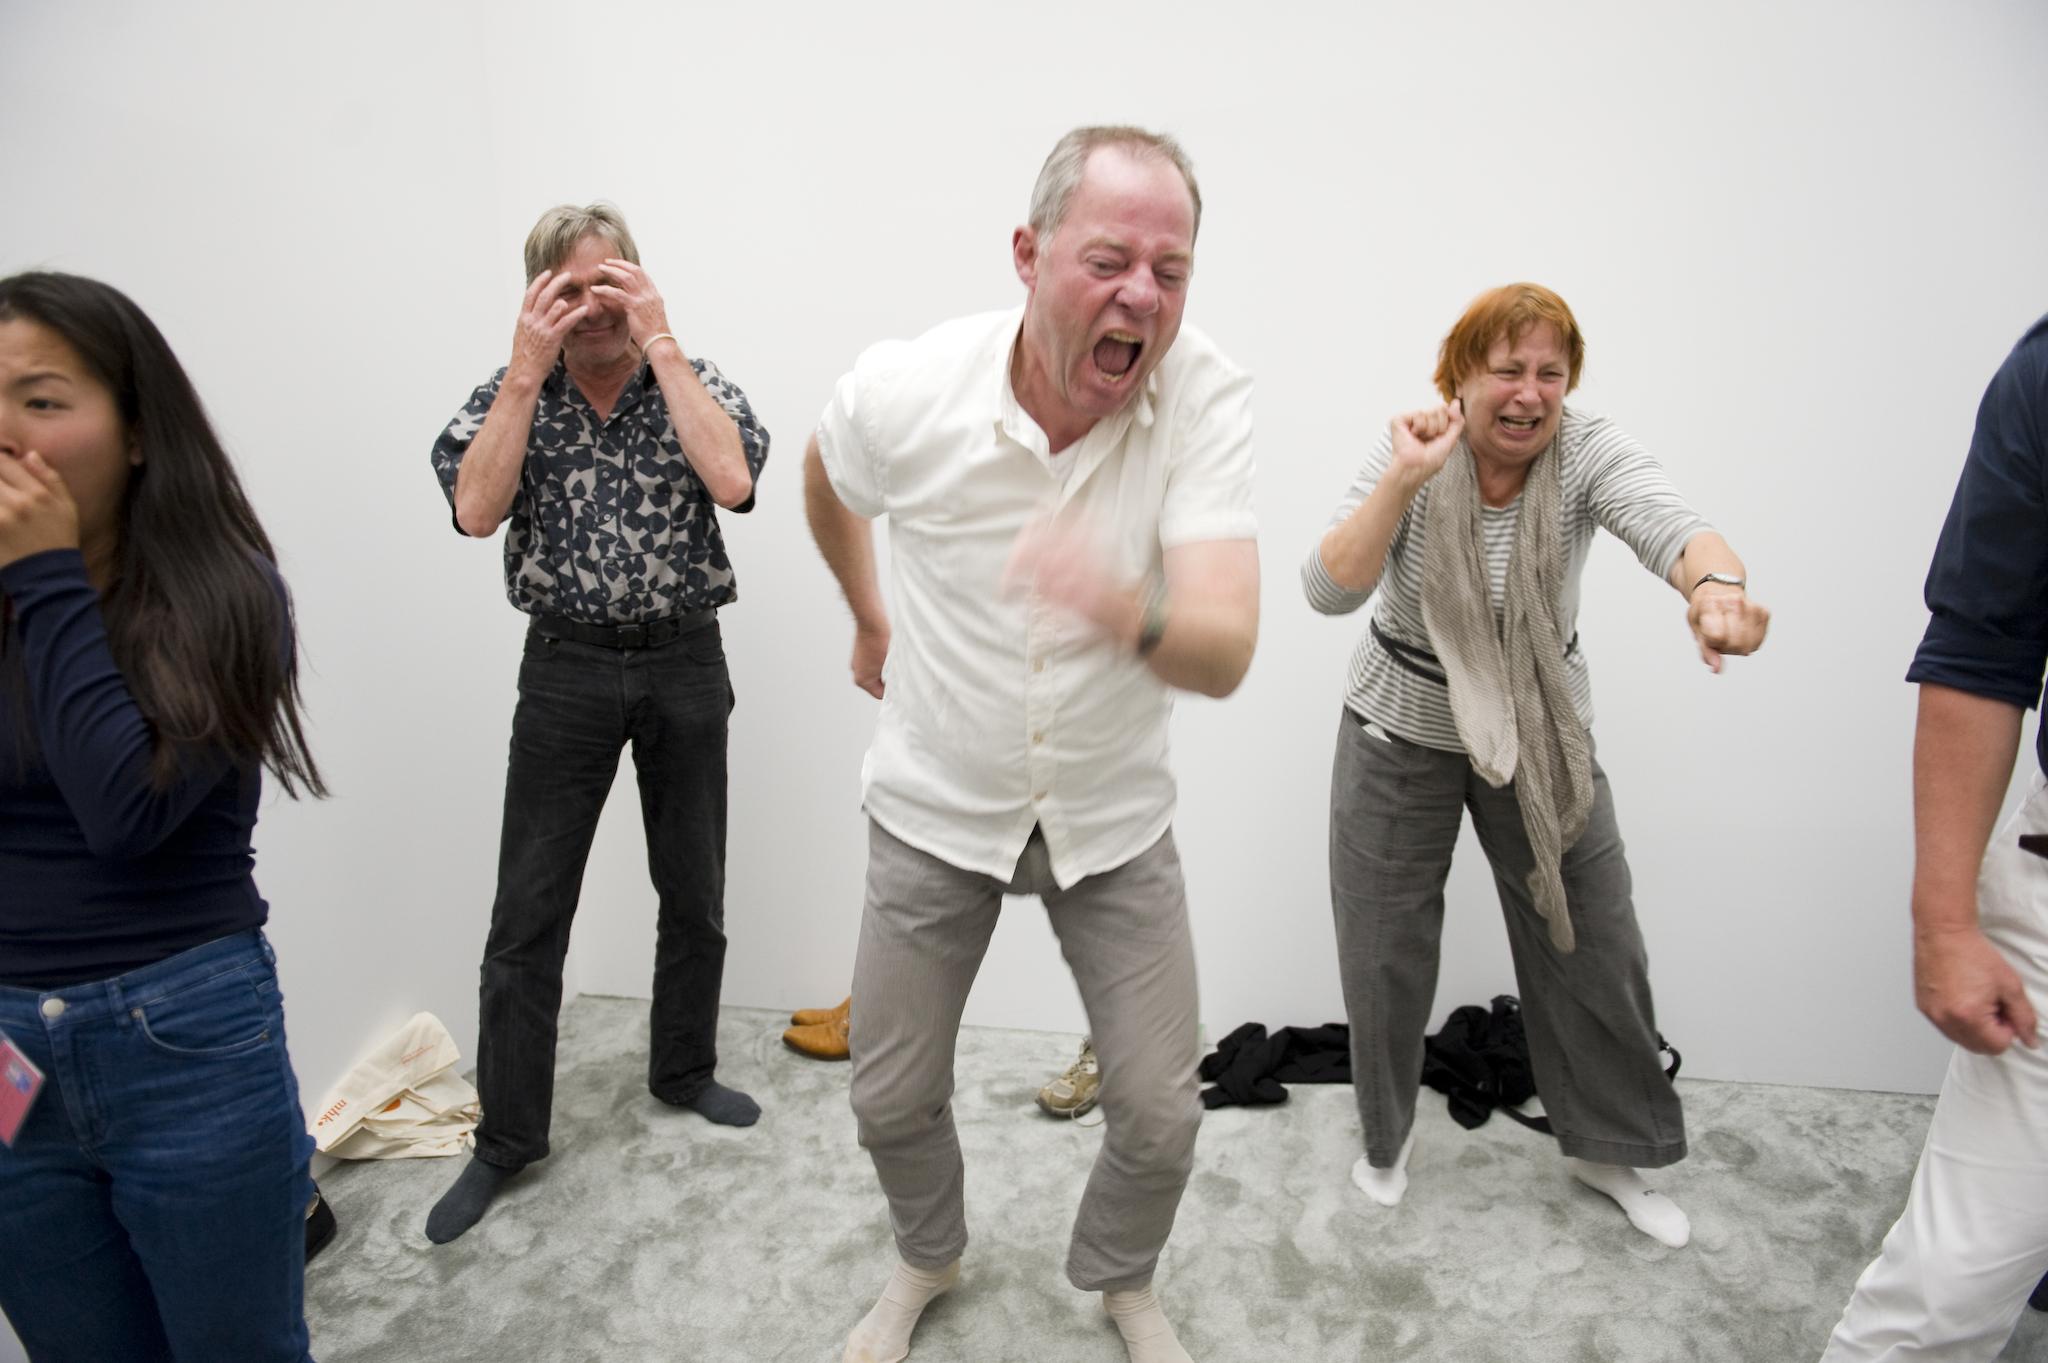 Stuart Ringholt, Anger Workshops, 2012. Neue Galerie, Kassel. Documenta 13, 2012.